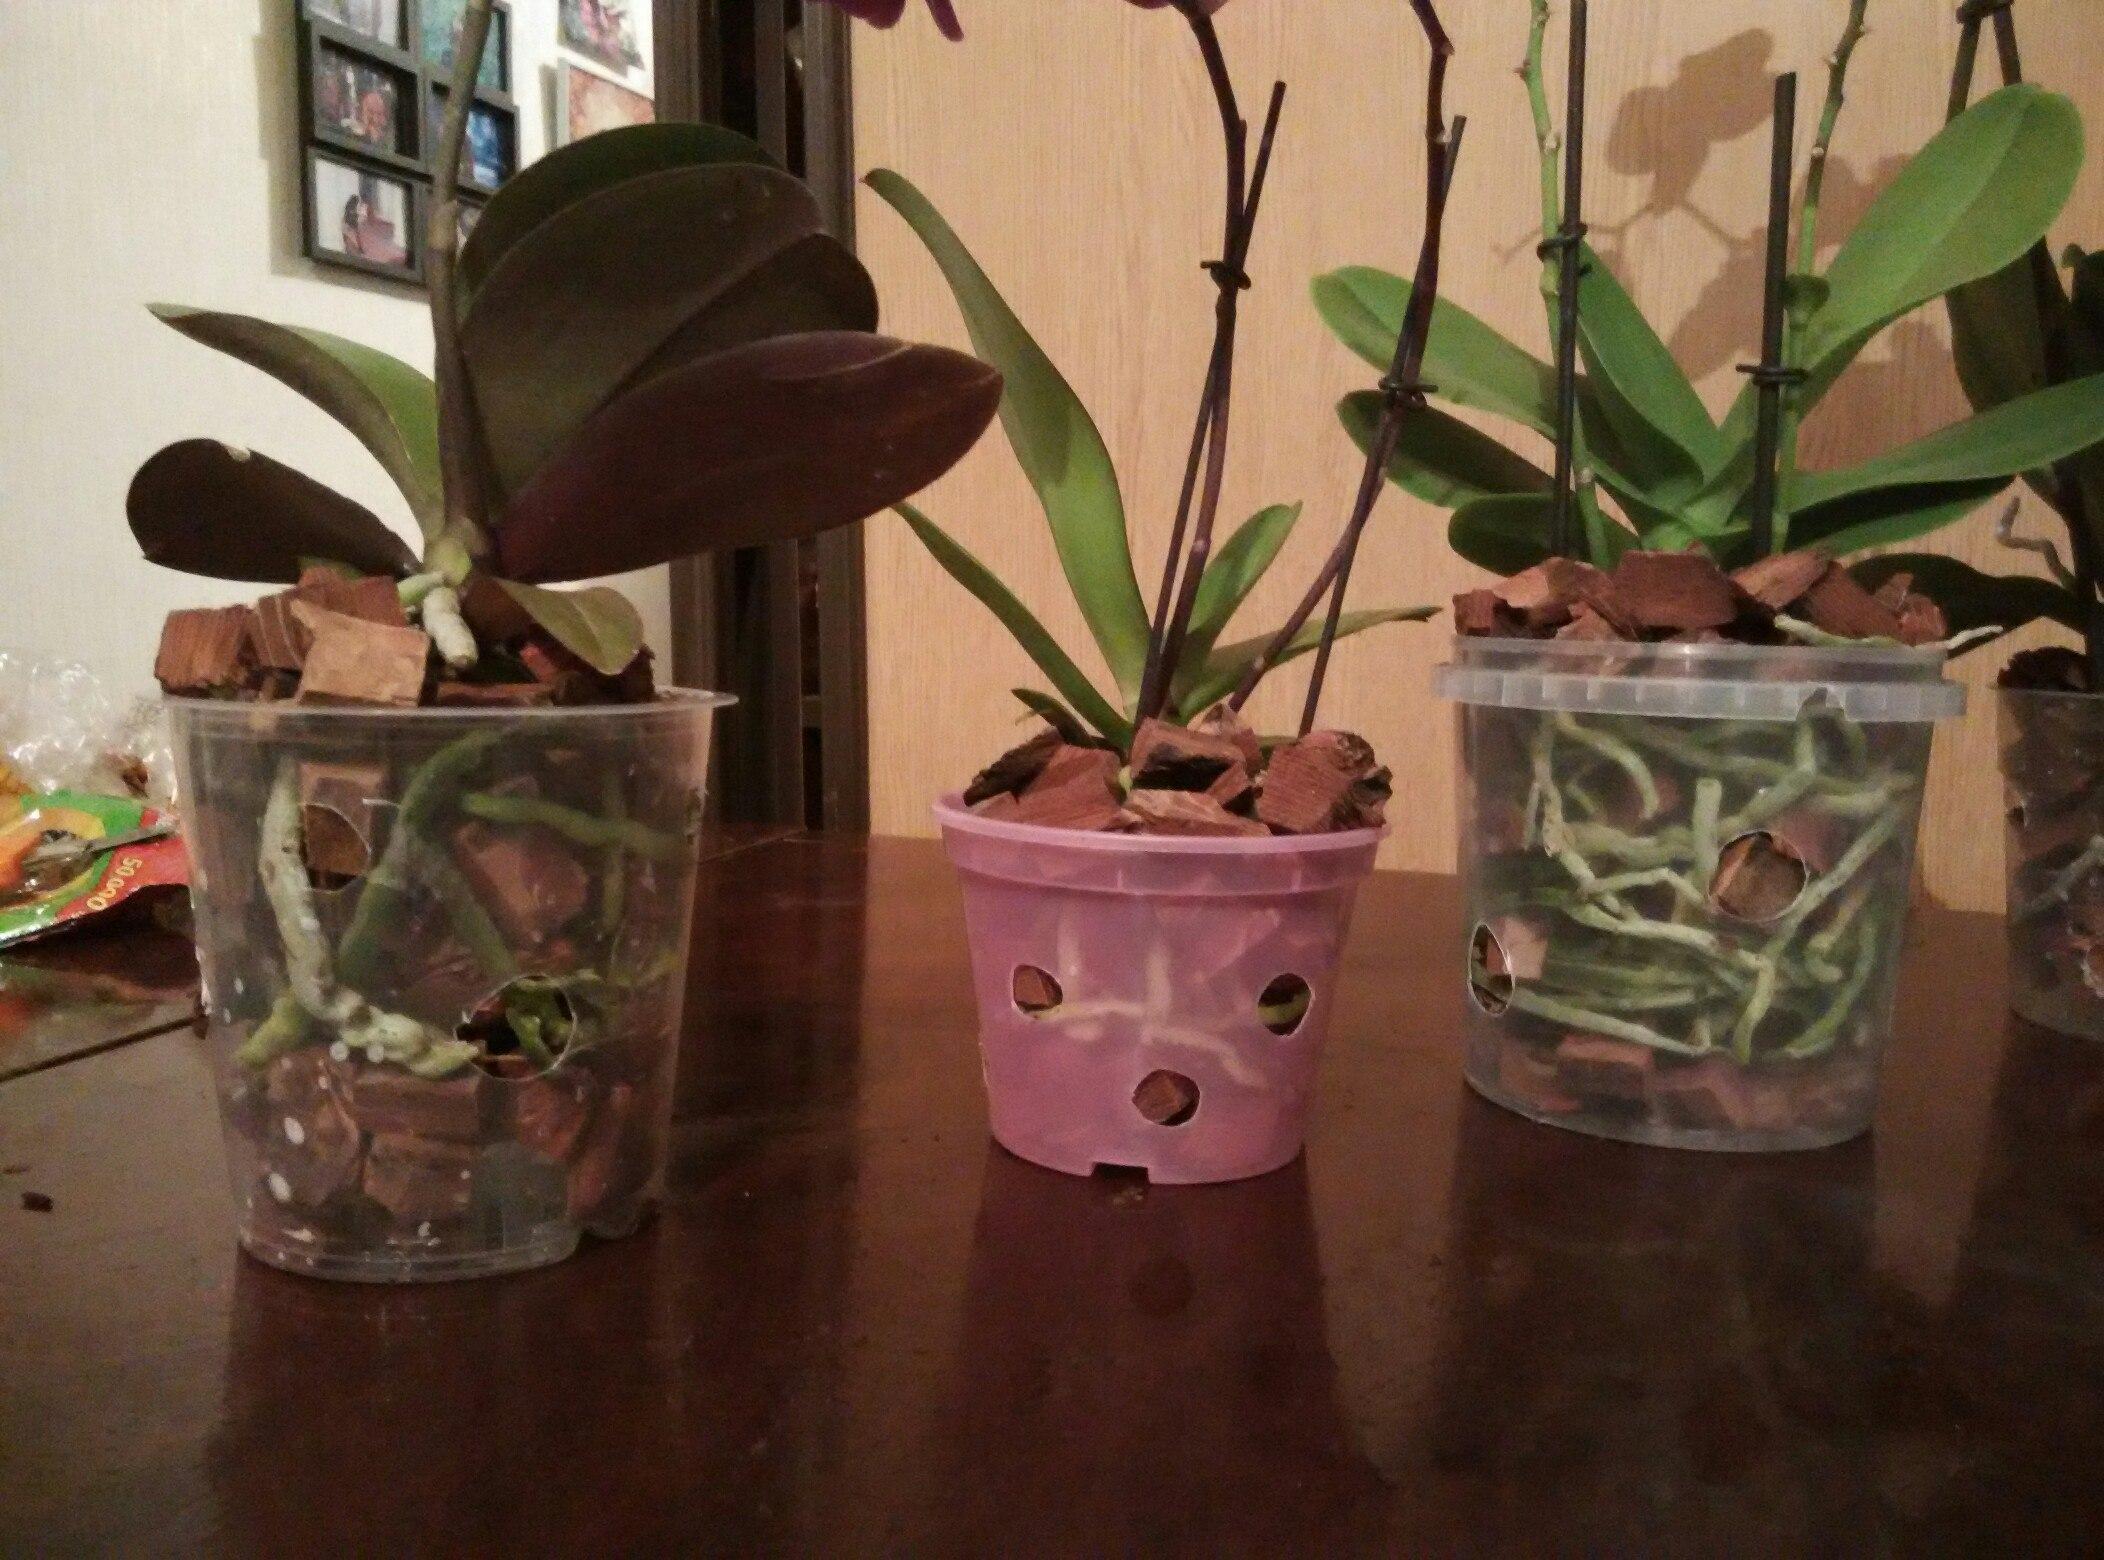 Орхидея фаленопсис уход в домашних условиях пересадка после покупки 840